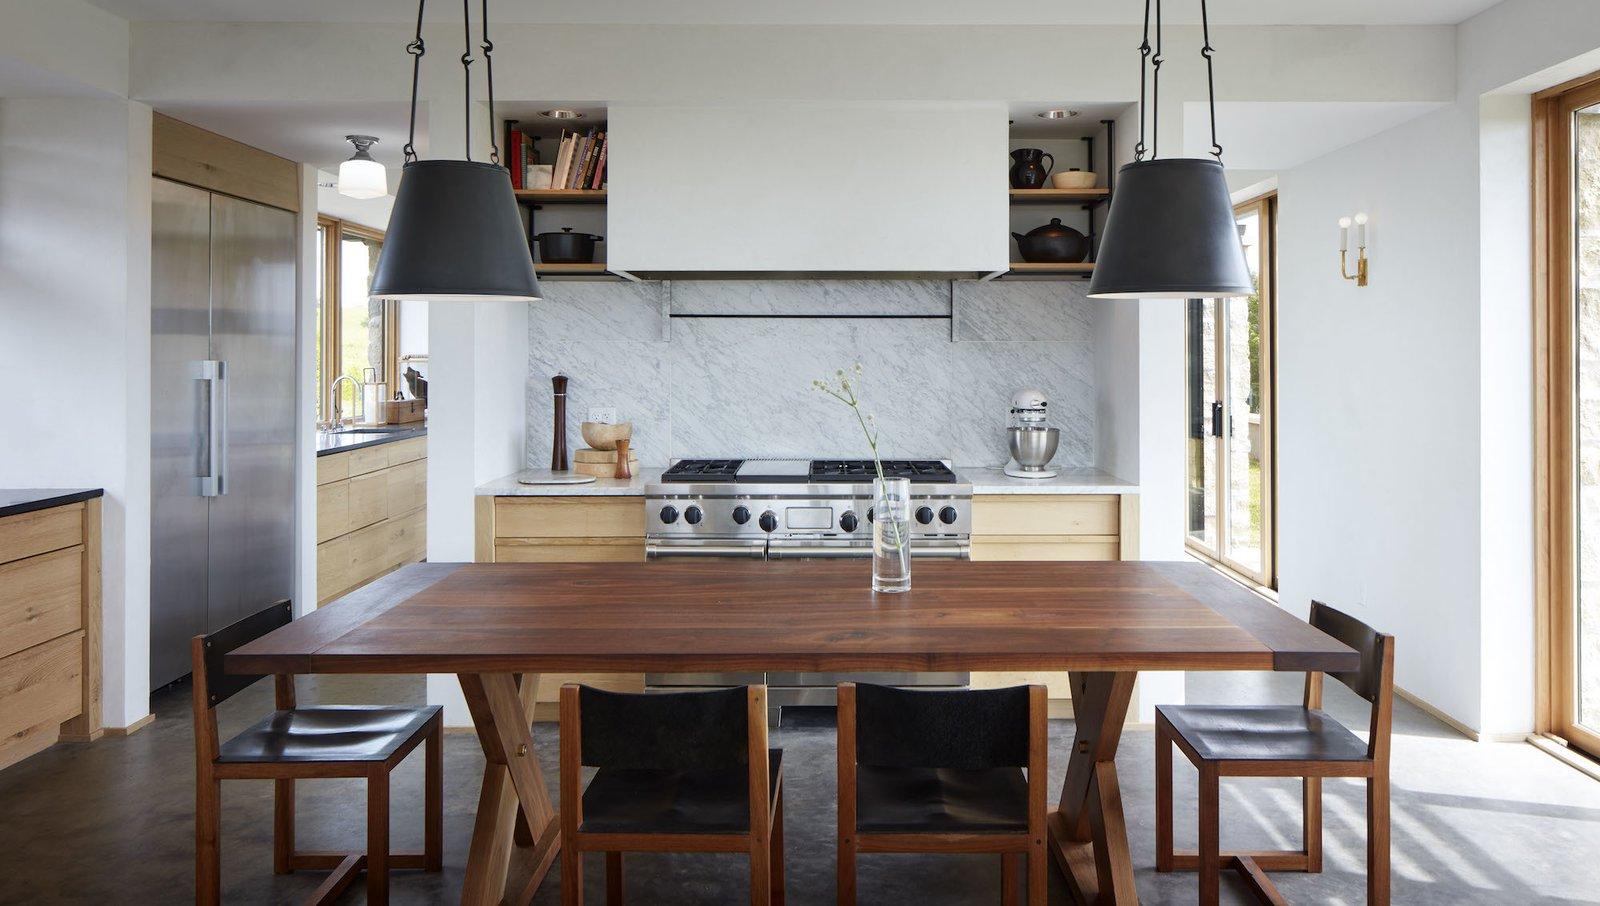 Kitchen at Lake Pepin Farmhouse by TEA2